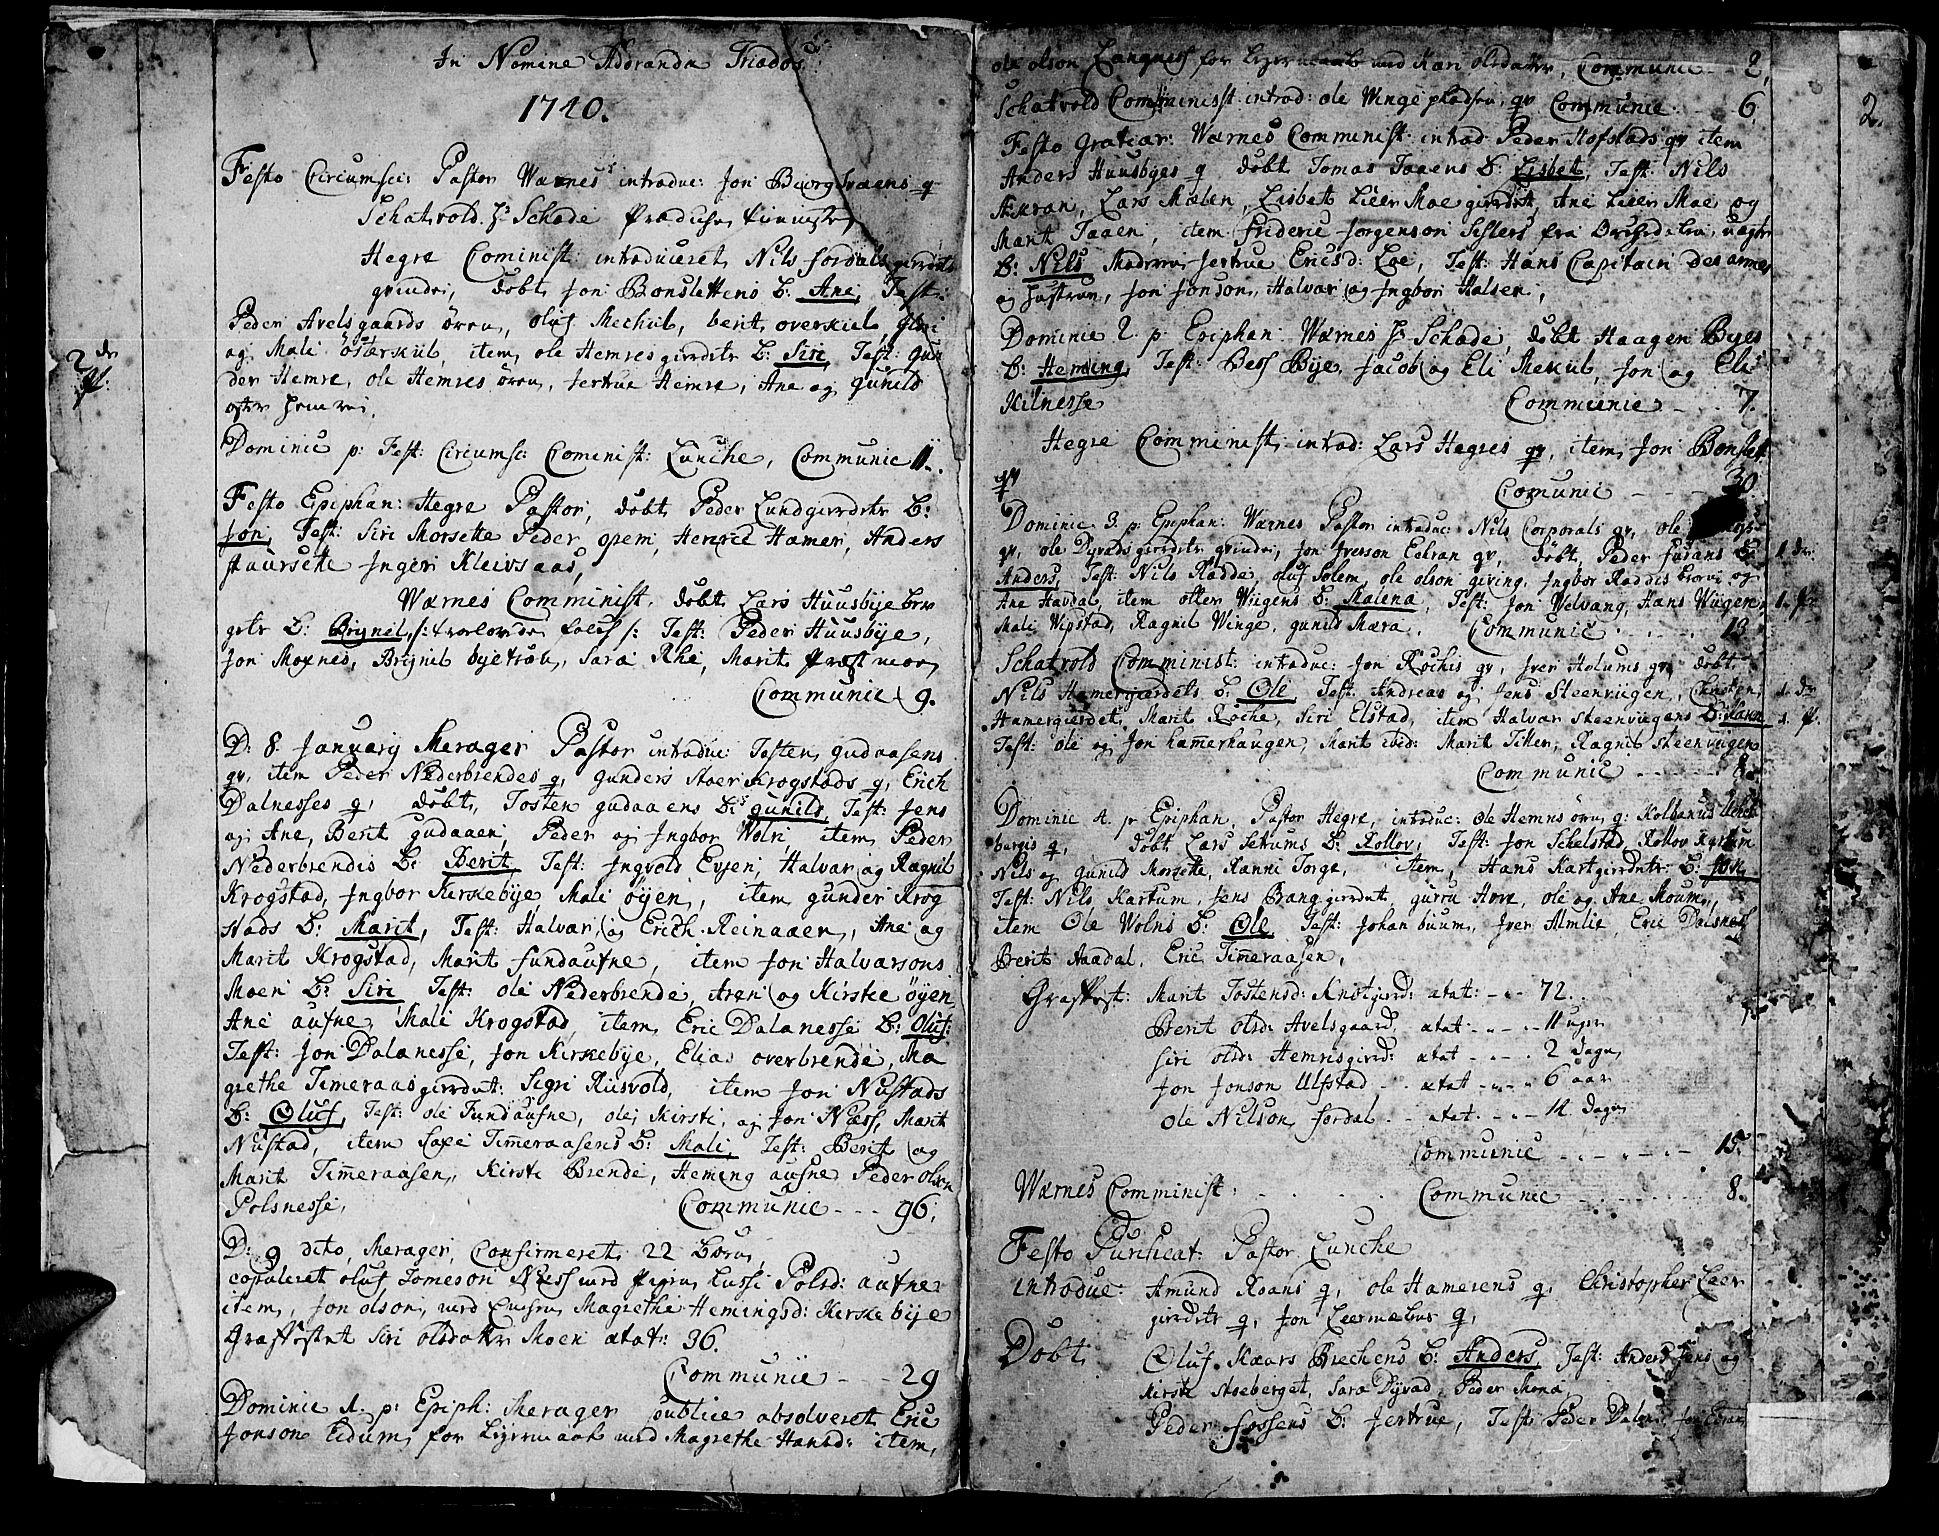 SAT, Ministerialprotokoller, klokkerbøker og fødselsregistre - Nord-Trøndelag, 709/L0056: Ministerialbok nr. 709A04, 1740-1756, s. 2